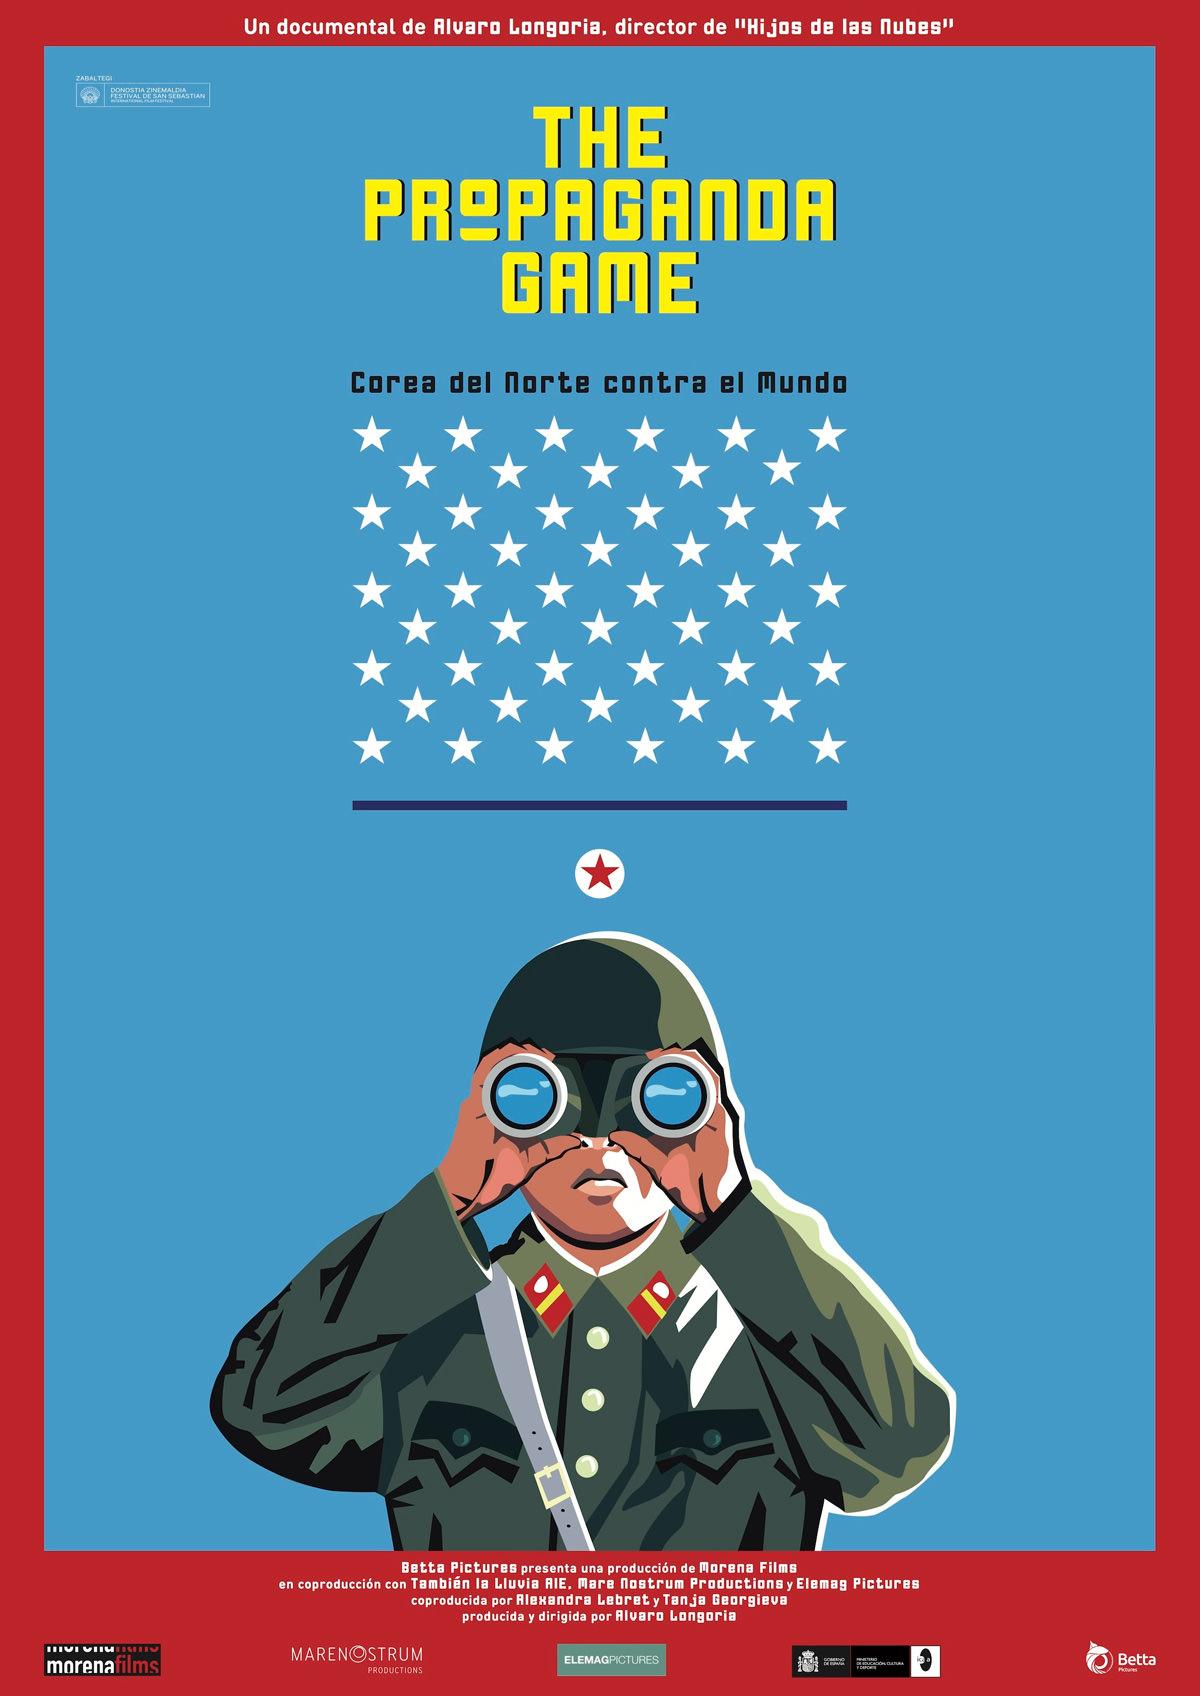 The propaganda game - Crítica de cine